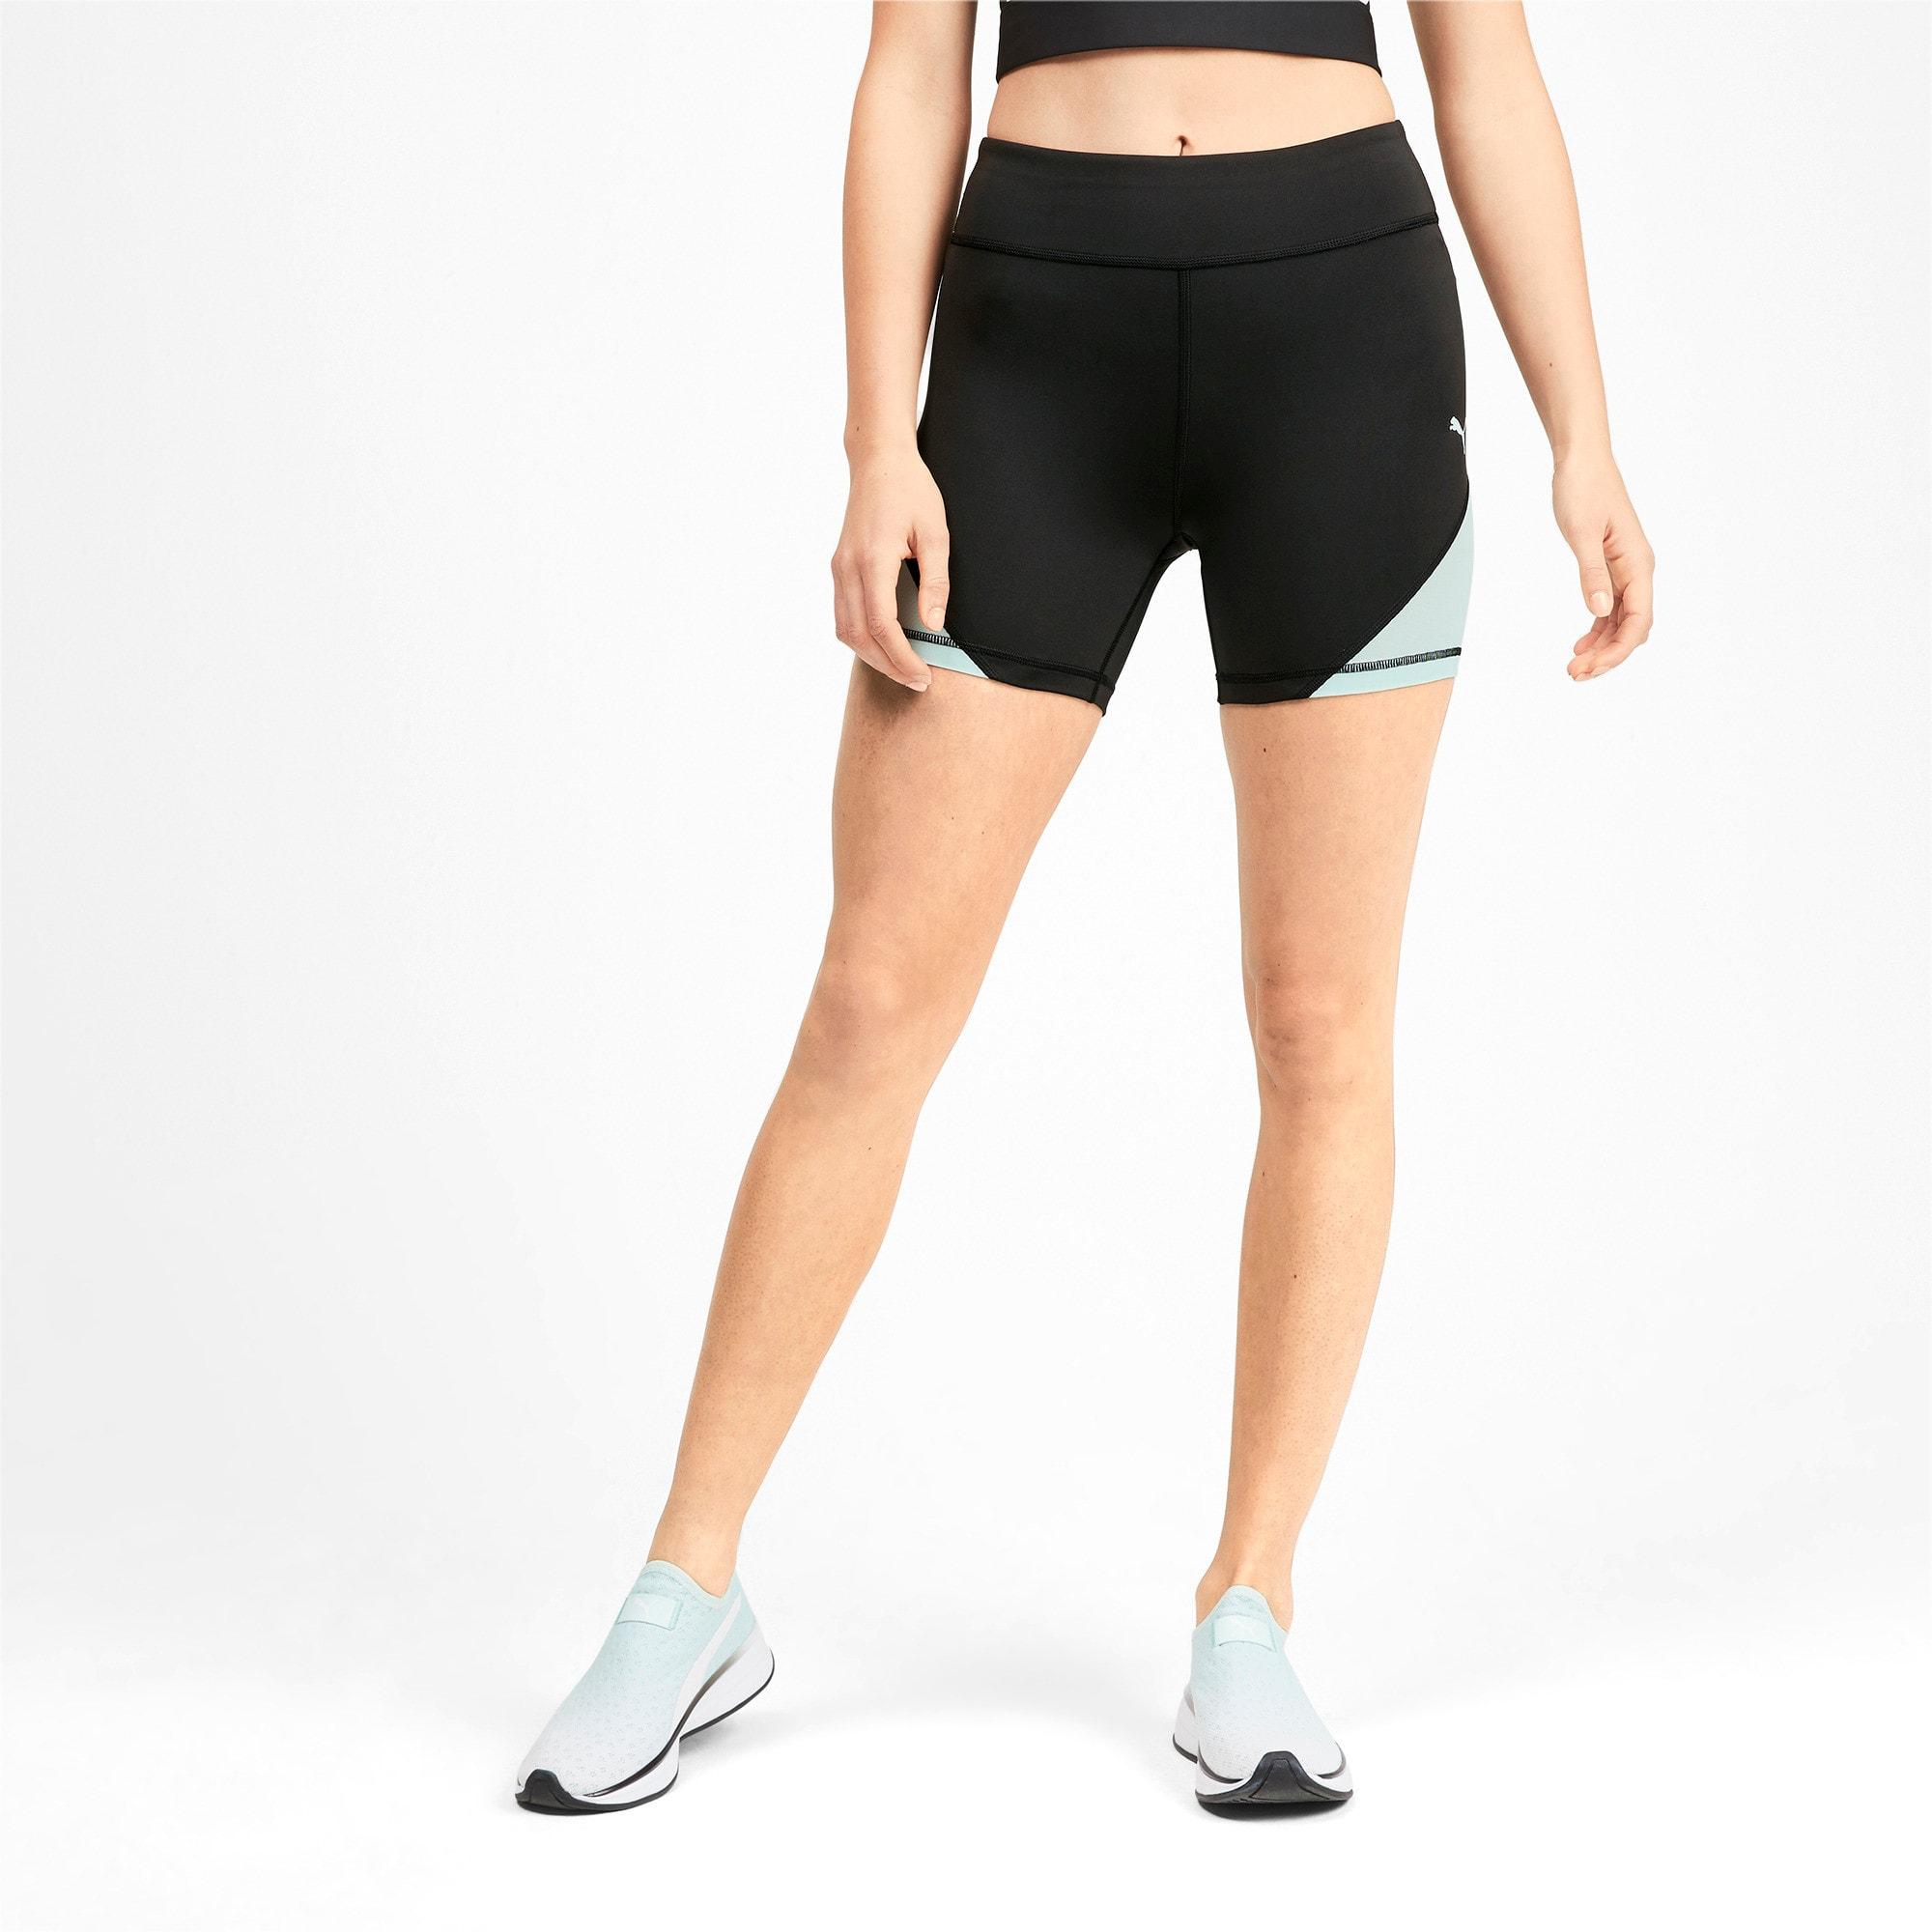 Thumbnail 1 of PUMA x SELENA GOMEZ Women's Short Tights, Puma Black-Fair Aqua, medium